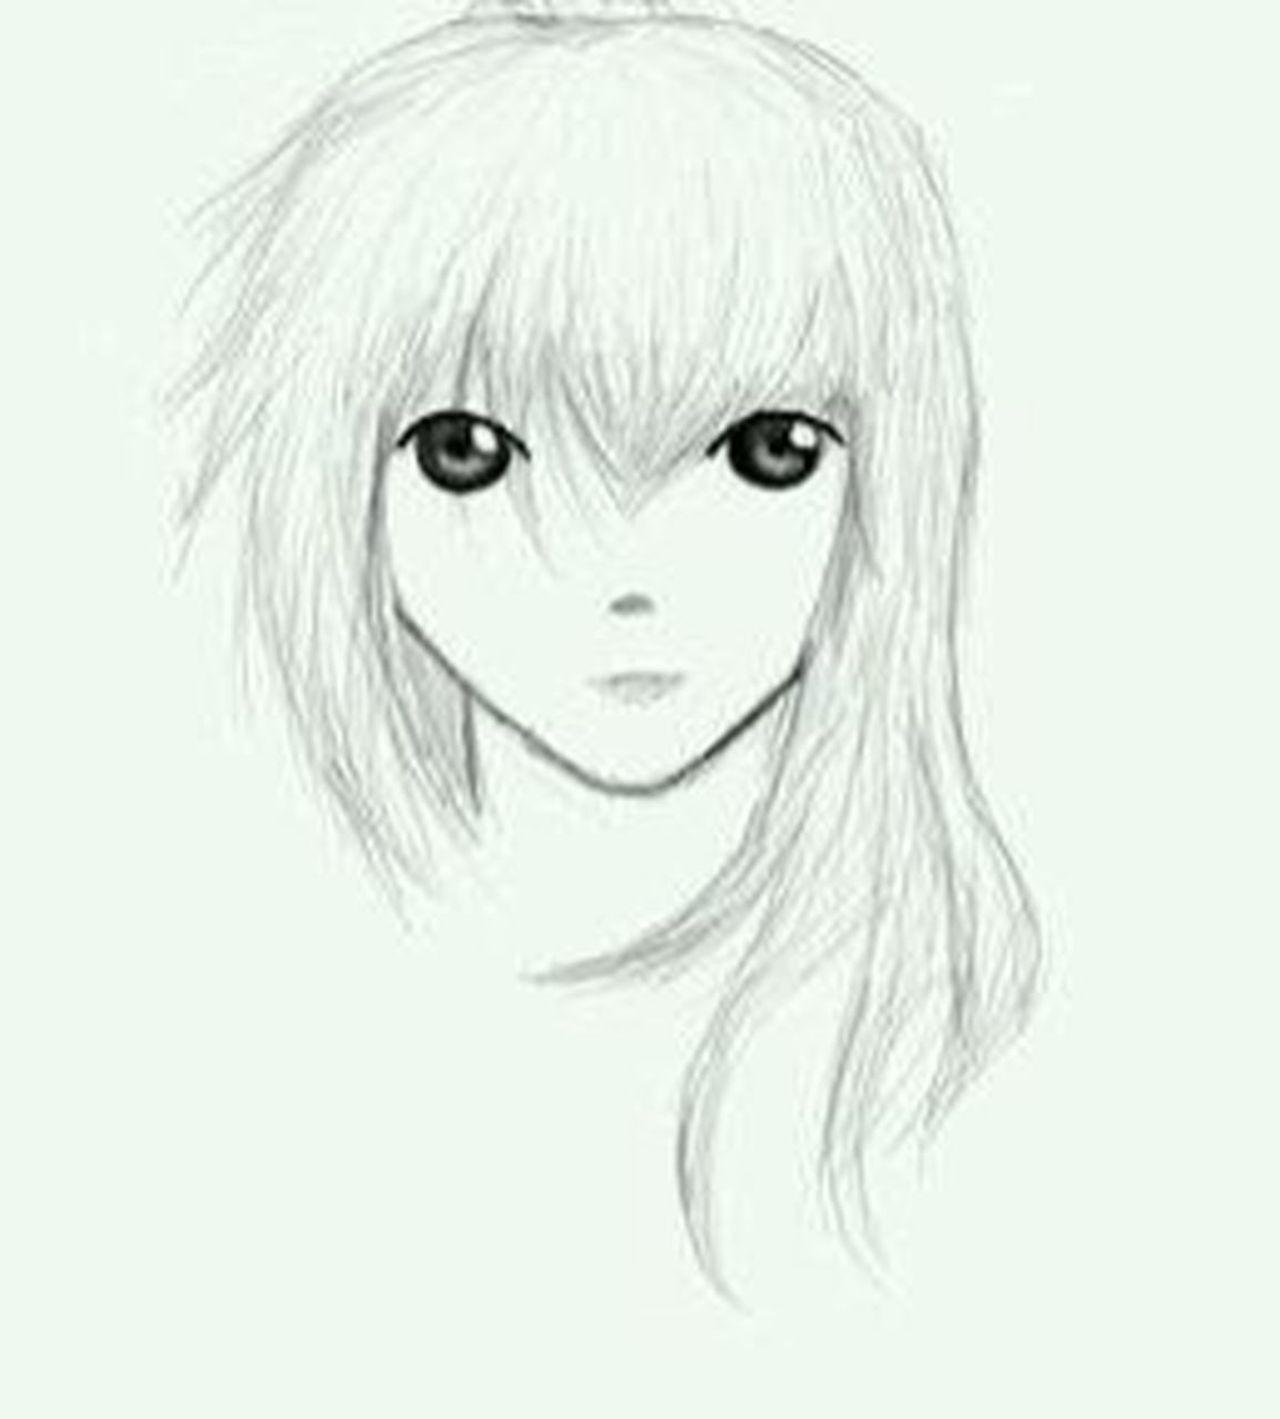 Digital Art Drawing Manga